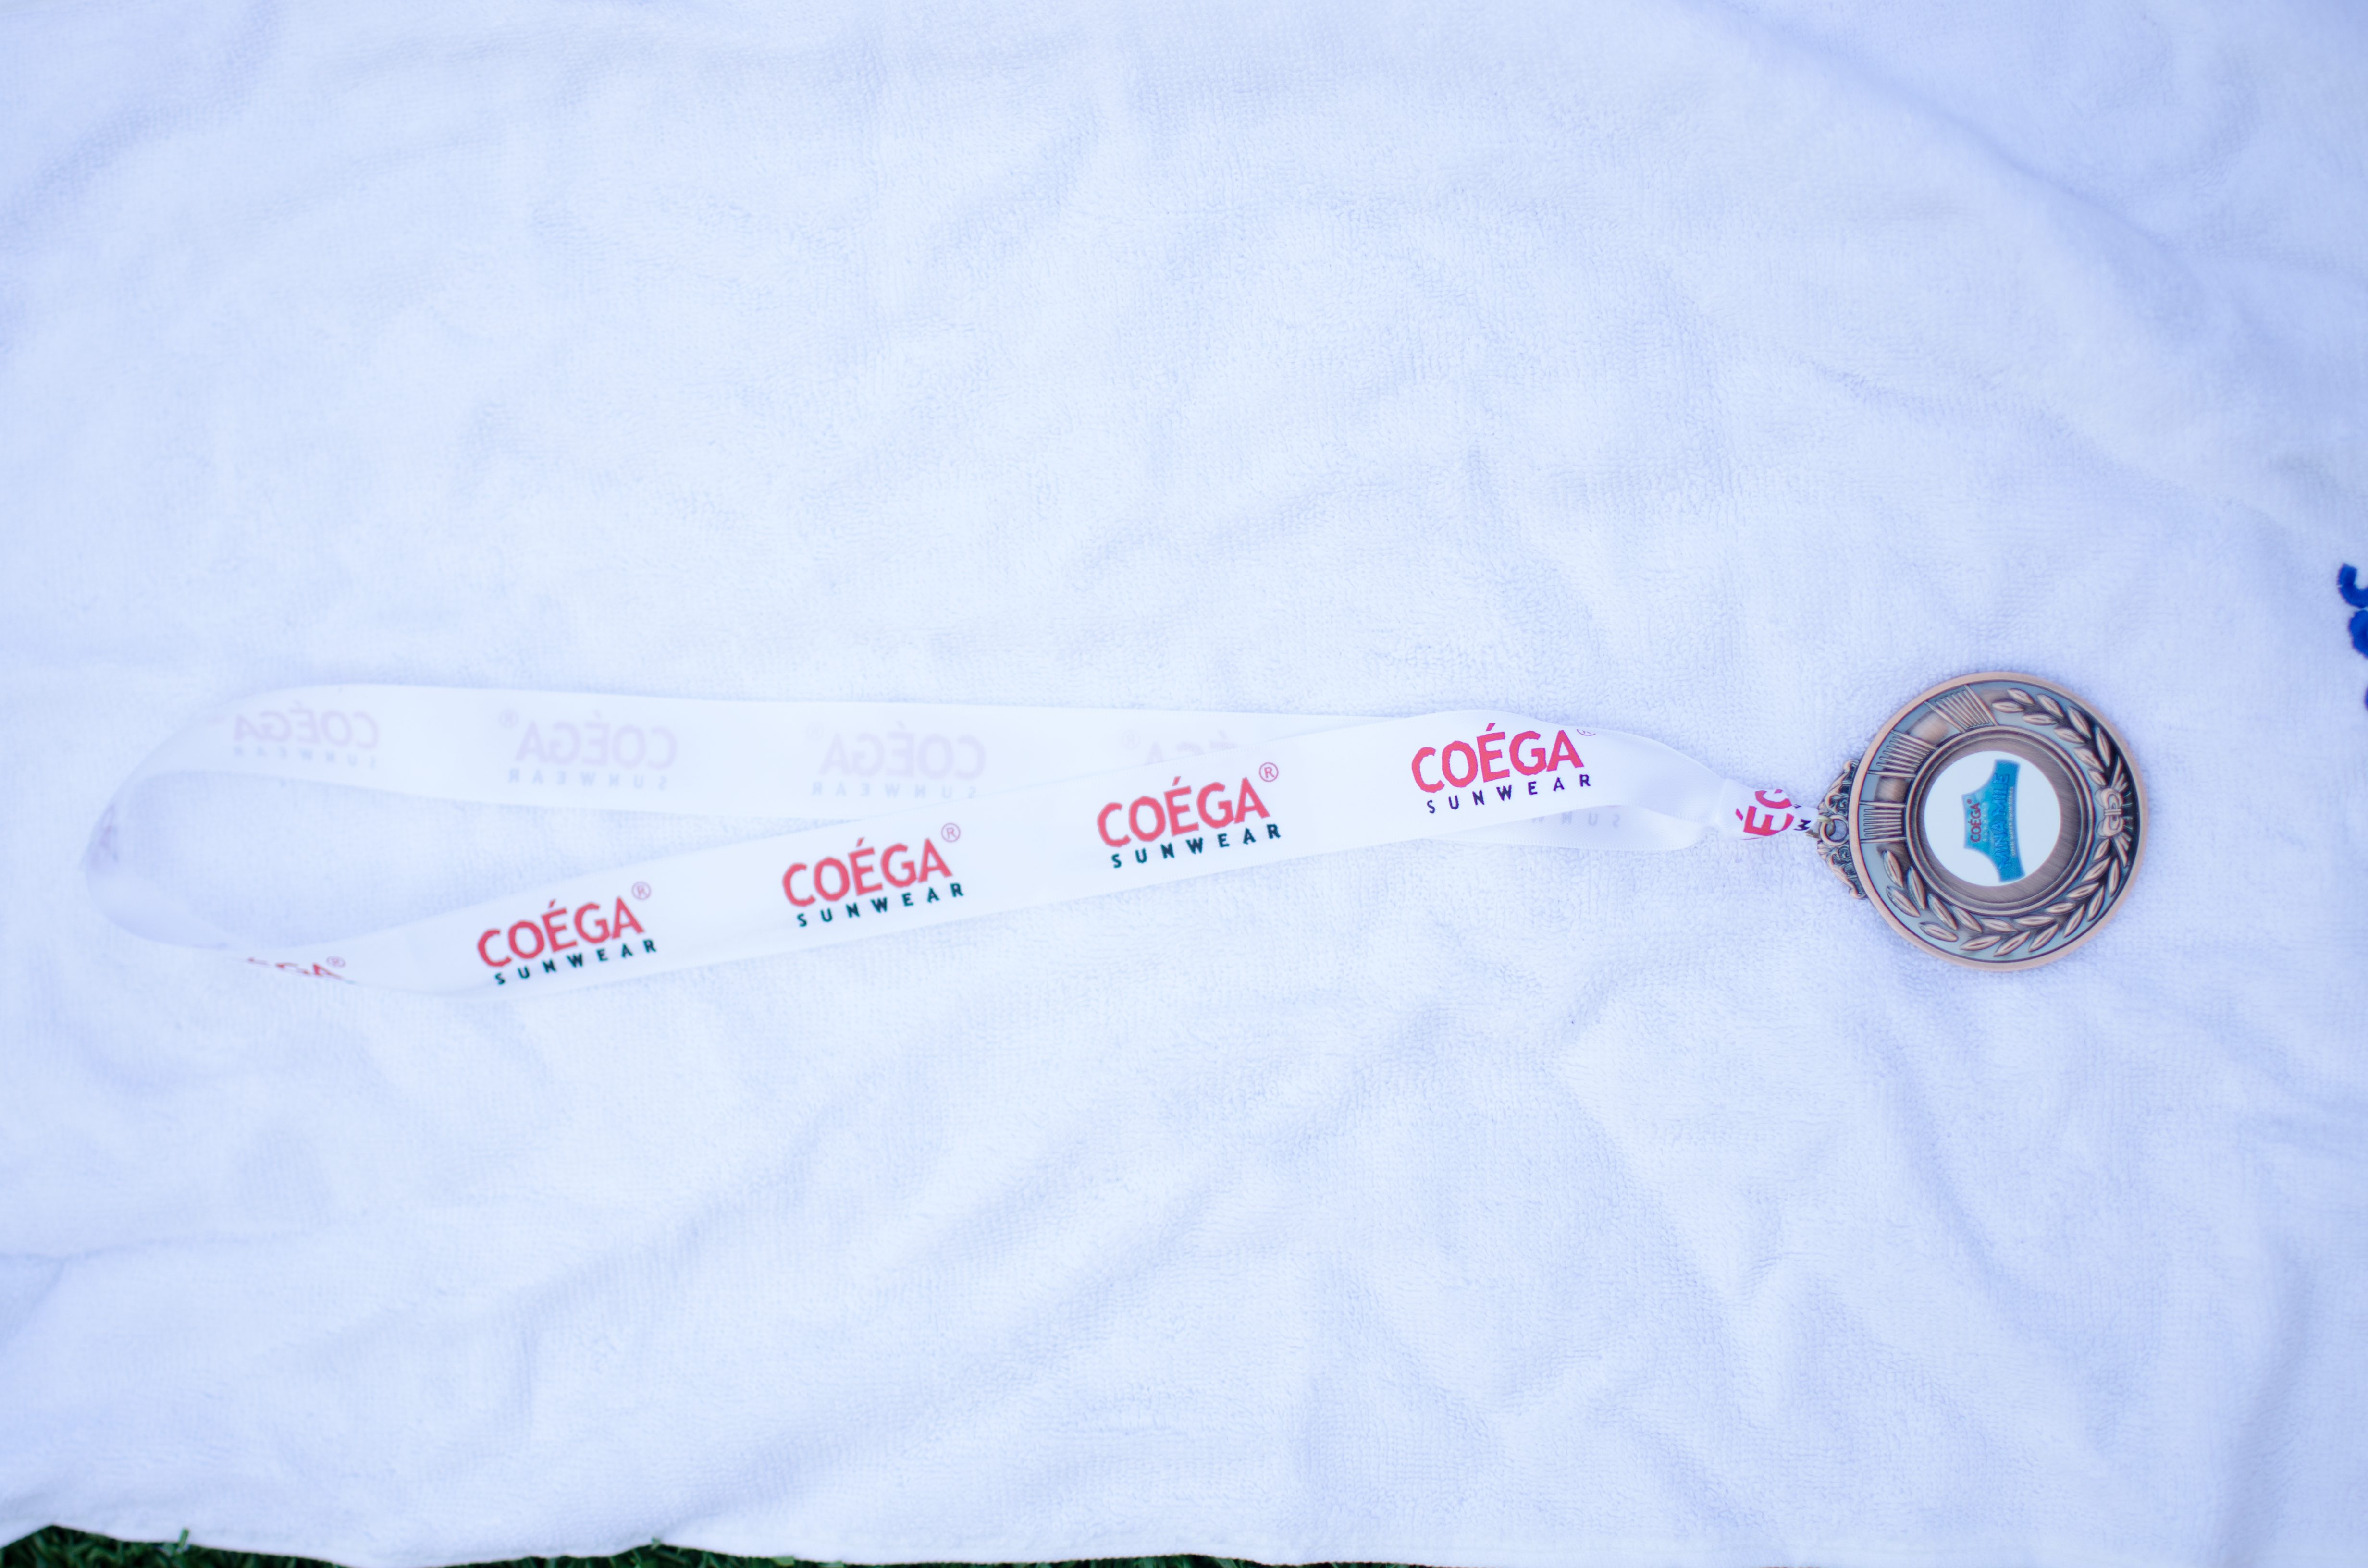 finshers medals 4 race merchandise